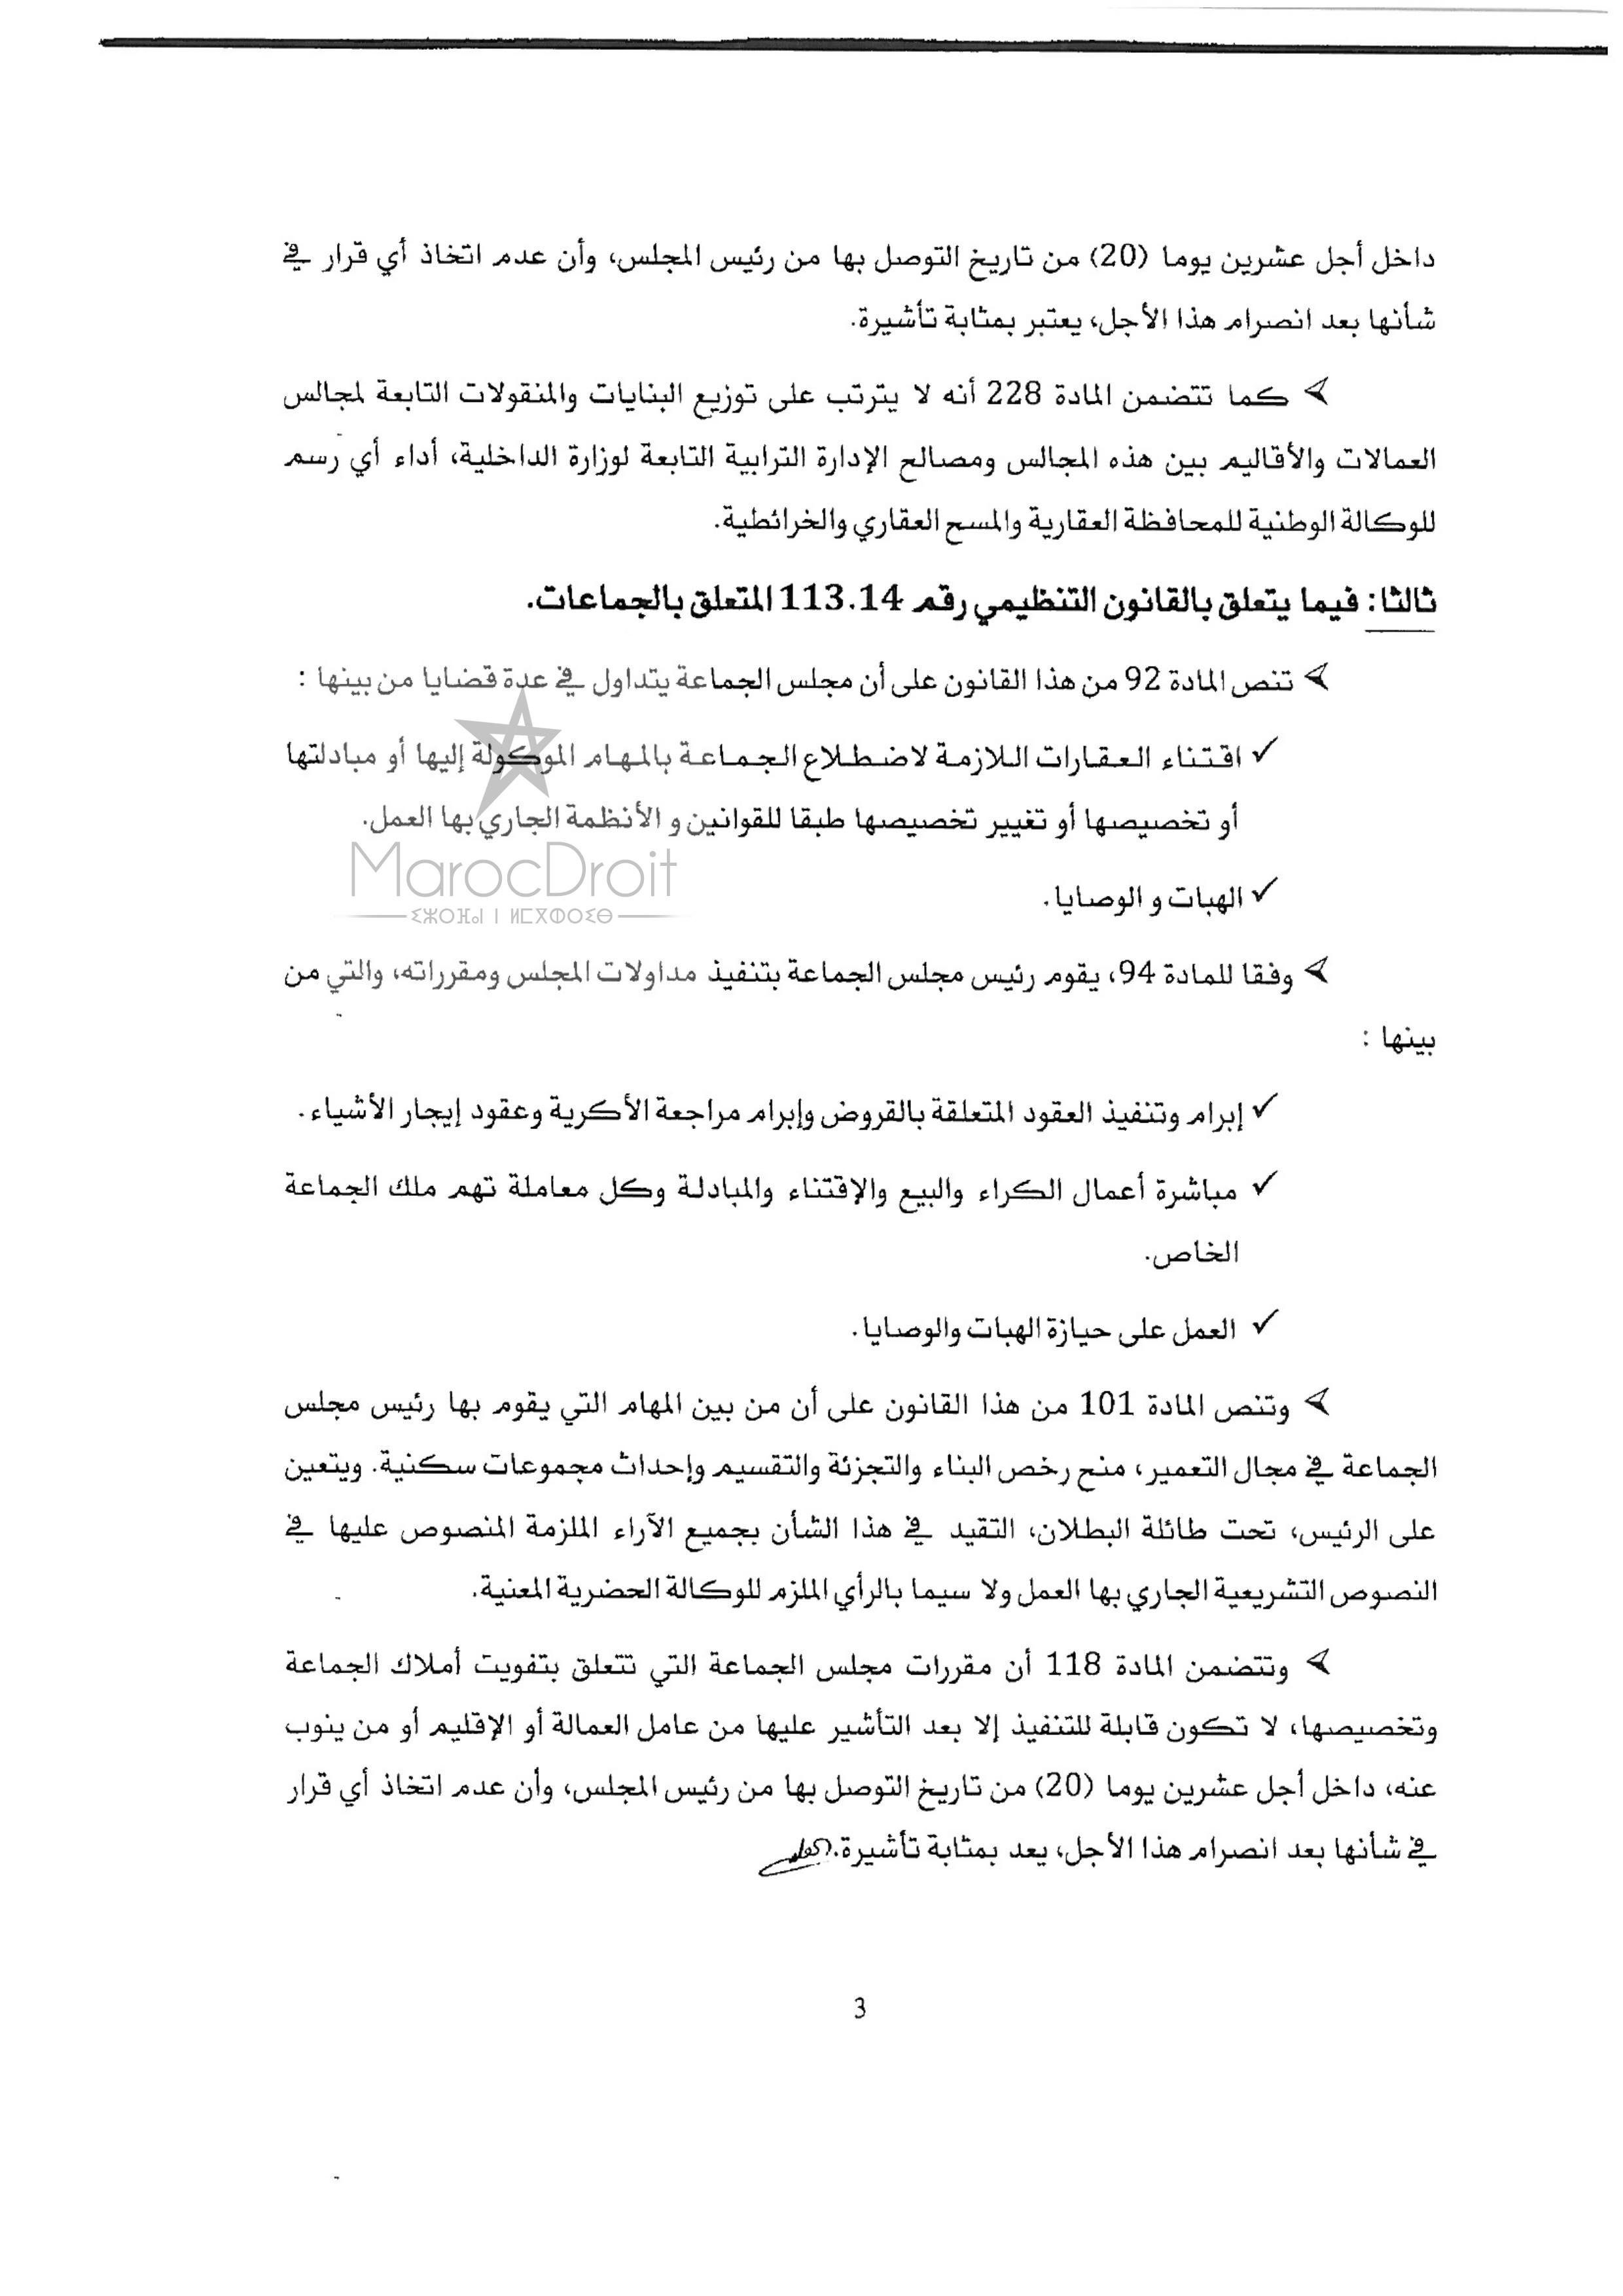 مذكرة المحافظ العام عدد 19 لشهر أكتوبر 2015 في شأن القوانين التنظيمية المتعلقة بالجهات والعمالات والأقاليم والجماعات